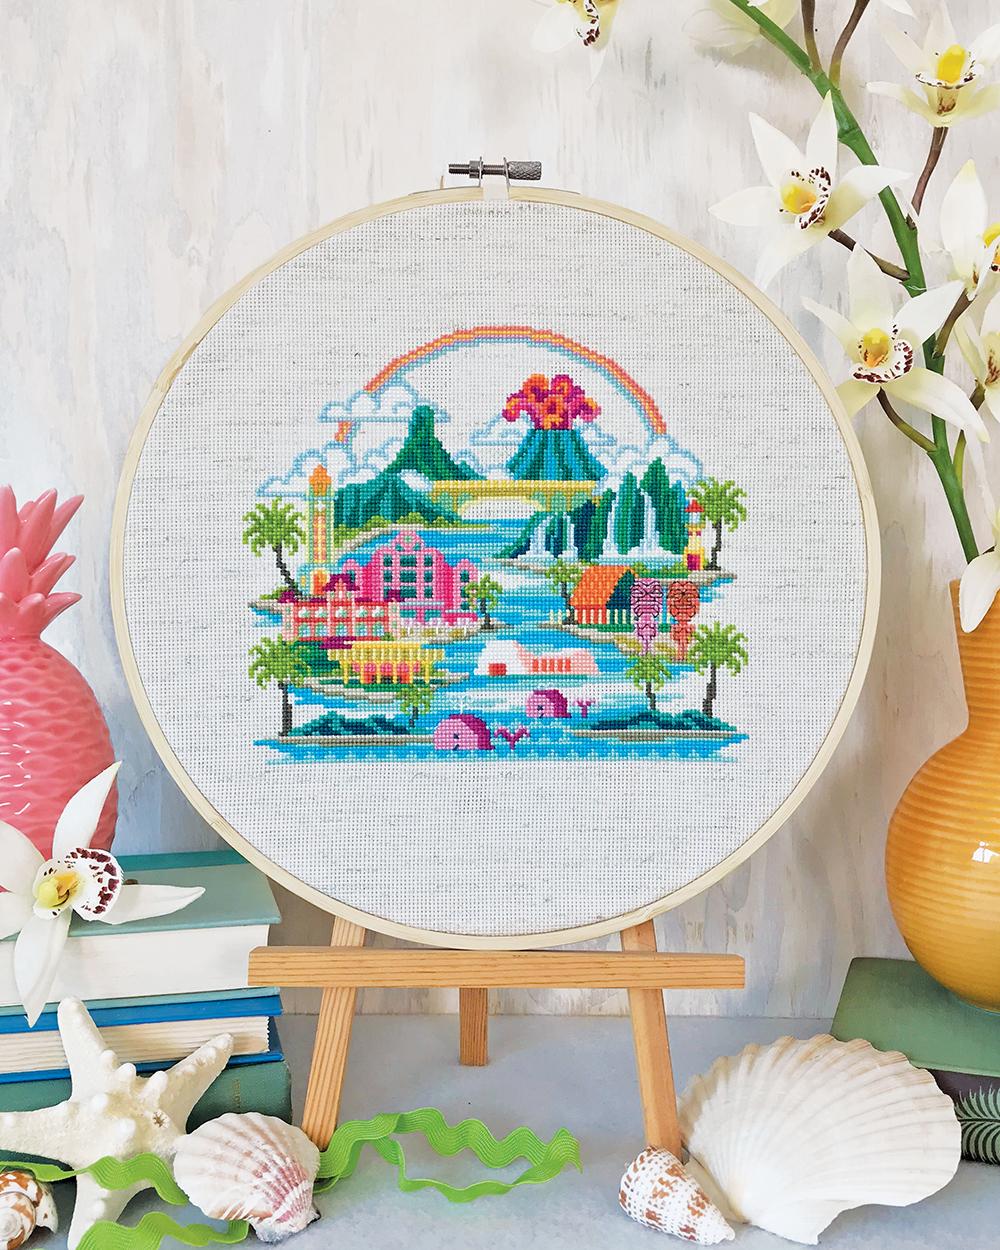 Put down that Mai Tai, you've got stitching to do!